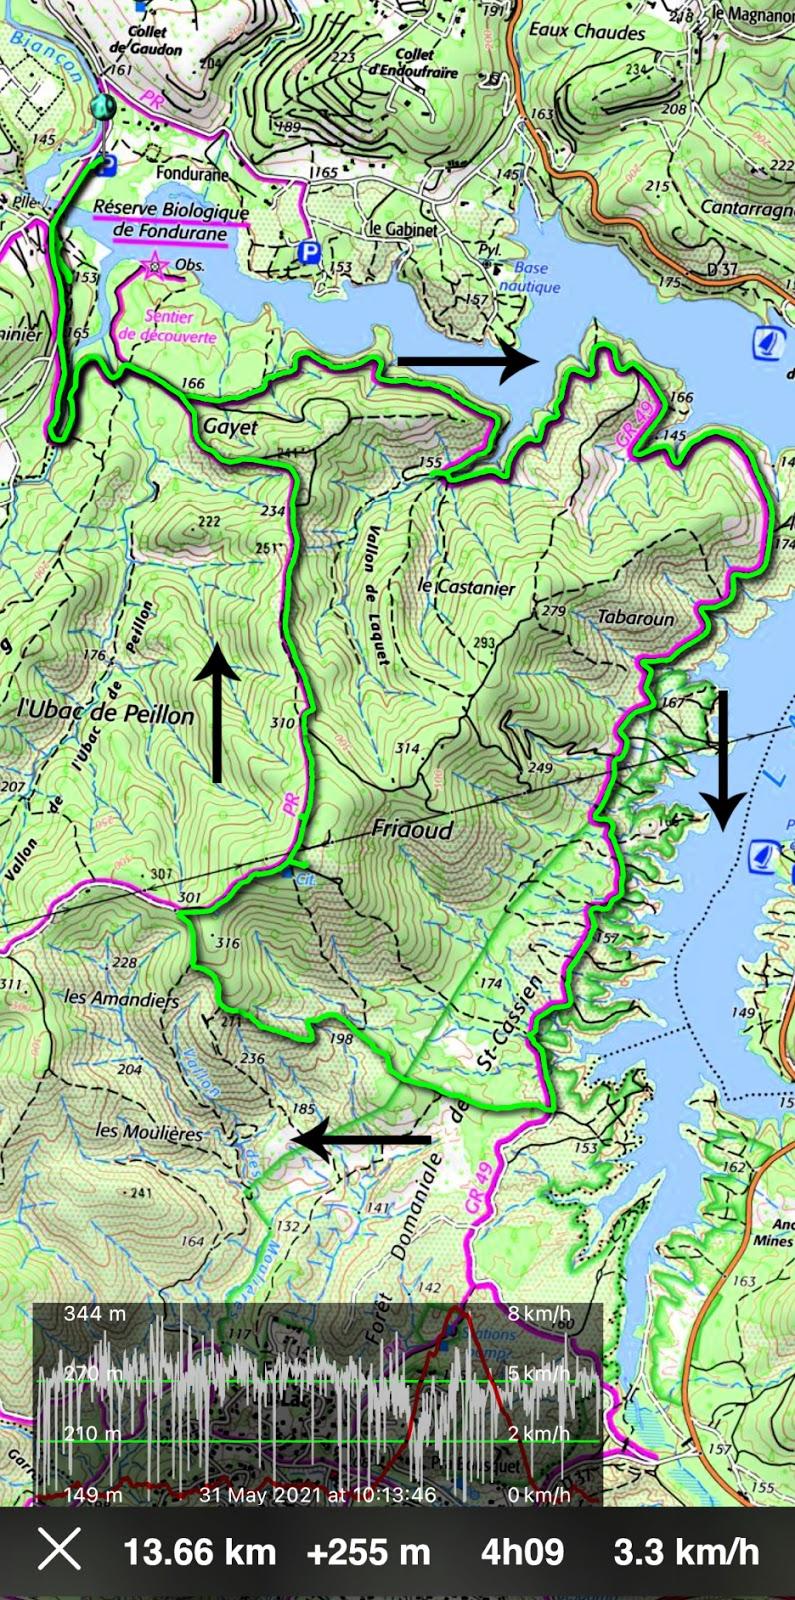 St-Cassien loop hike track